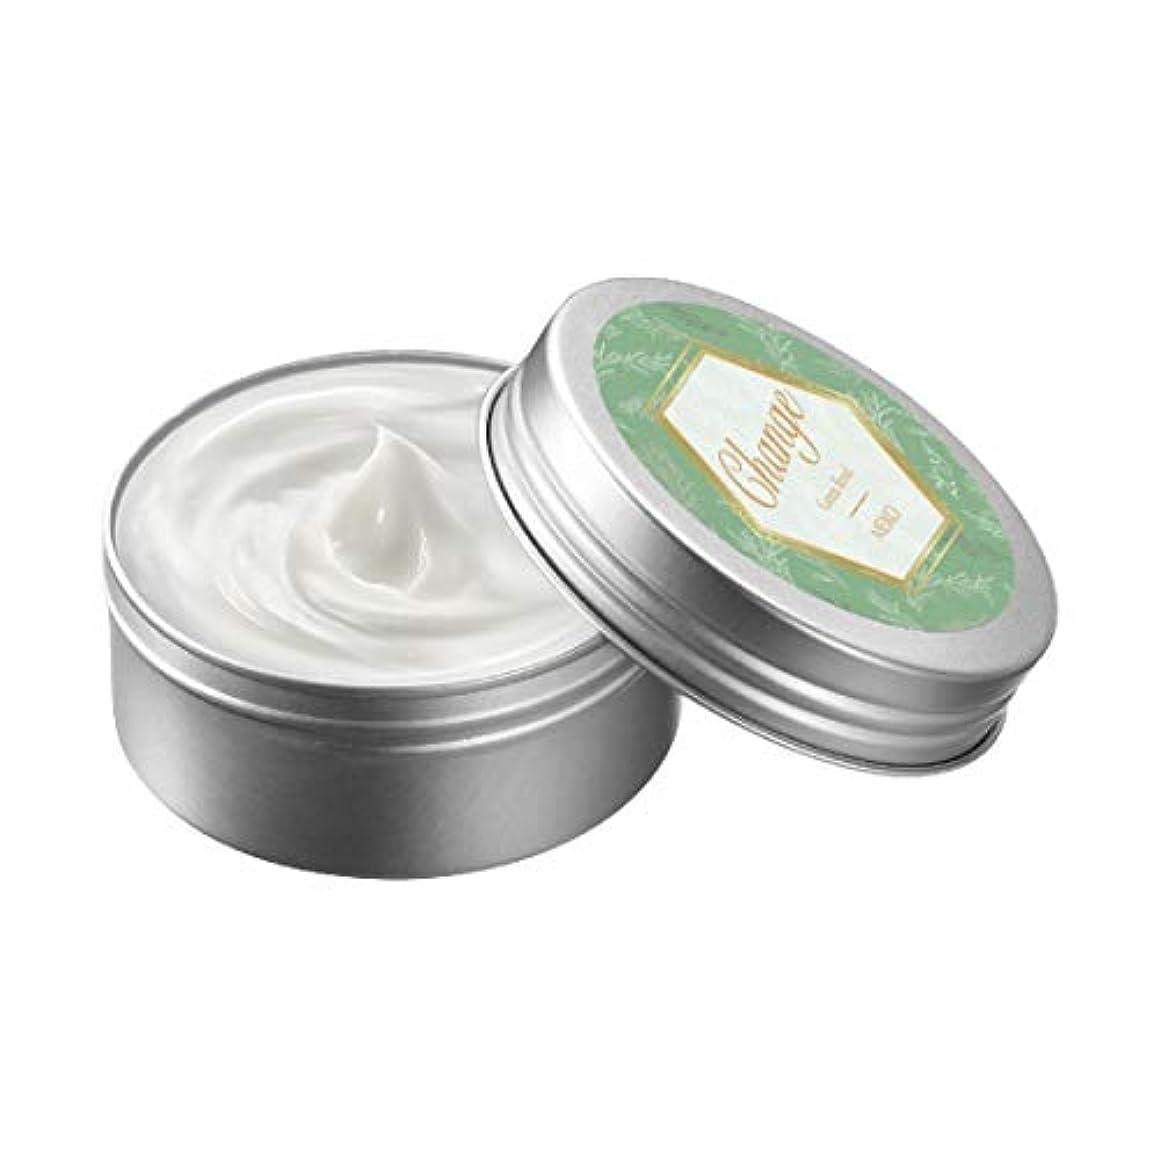 流産火傷腐敗ボディクリーム グリーンフローラルの香り 60g ( 全身 クリーム 顔 保湿 スキンケア ハンドケア 全身クリーム )【 メイコー メイコー化粧品 】